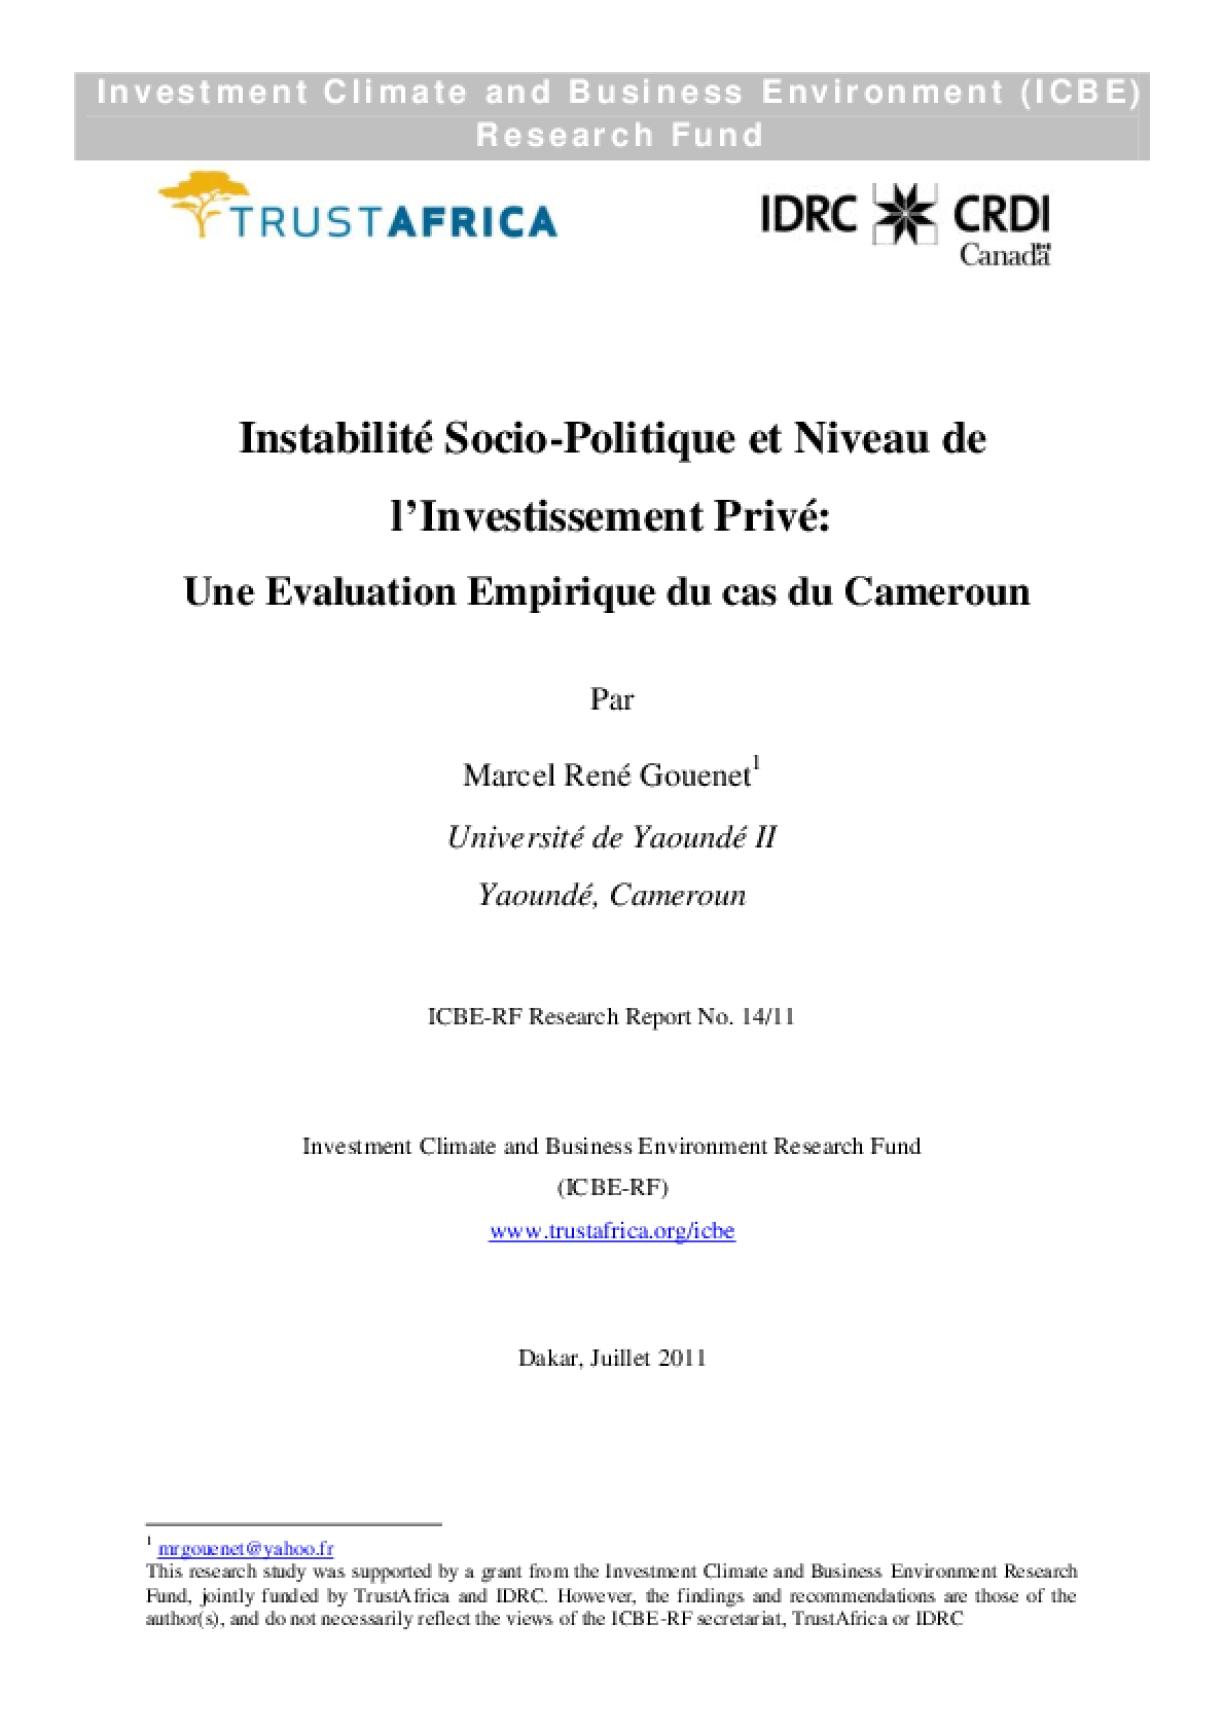 Instabilité Socio Politique et Niveau de I'Investissement Privé_Une Evaluation Empirique du cas du Cameroun